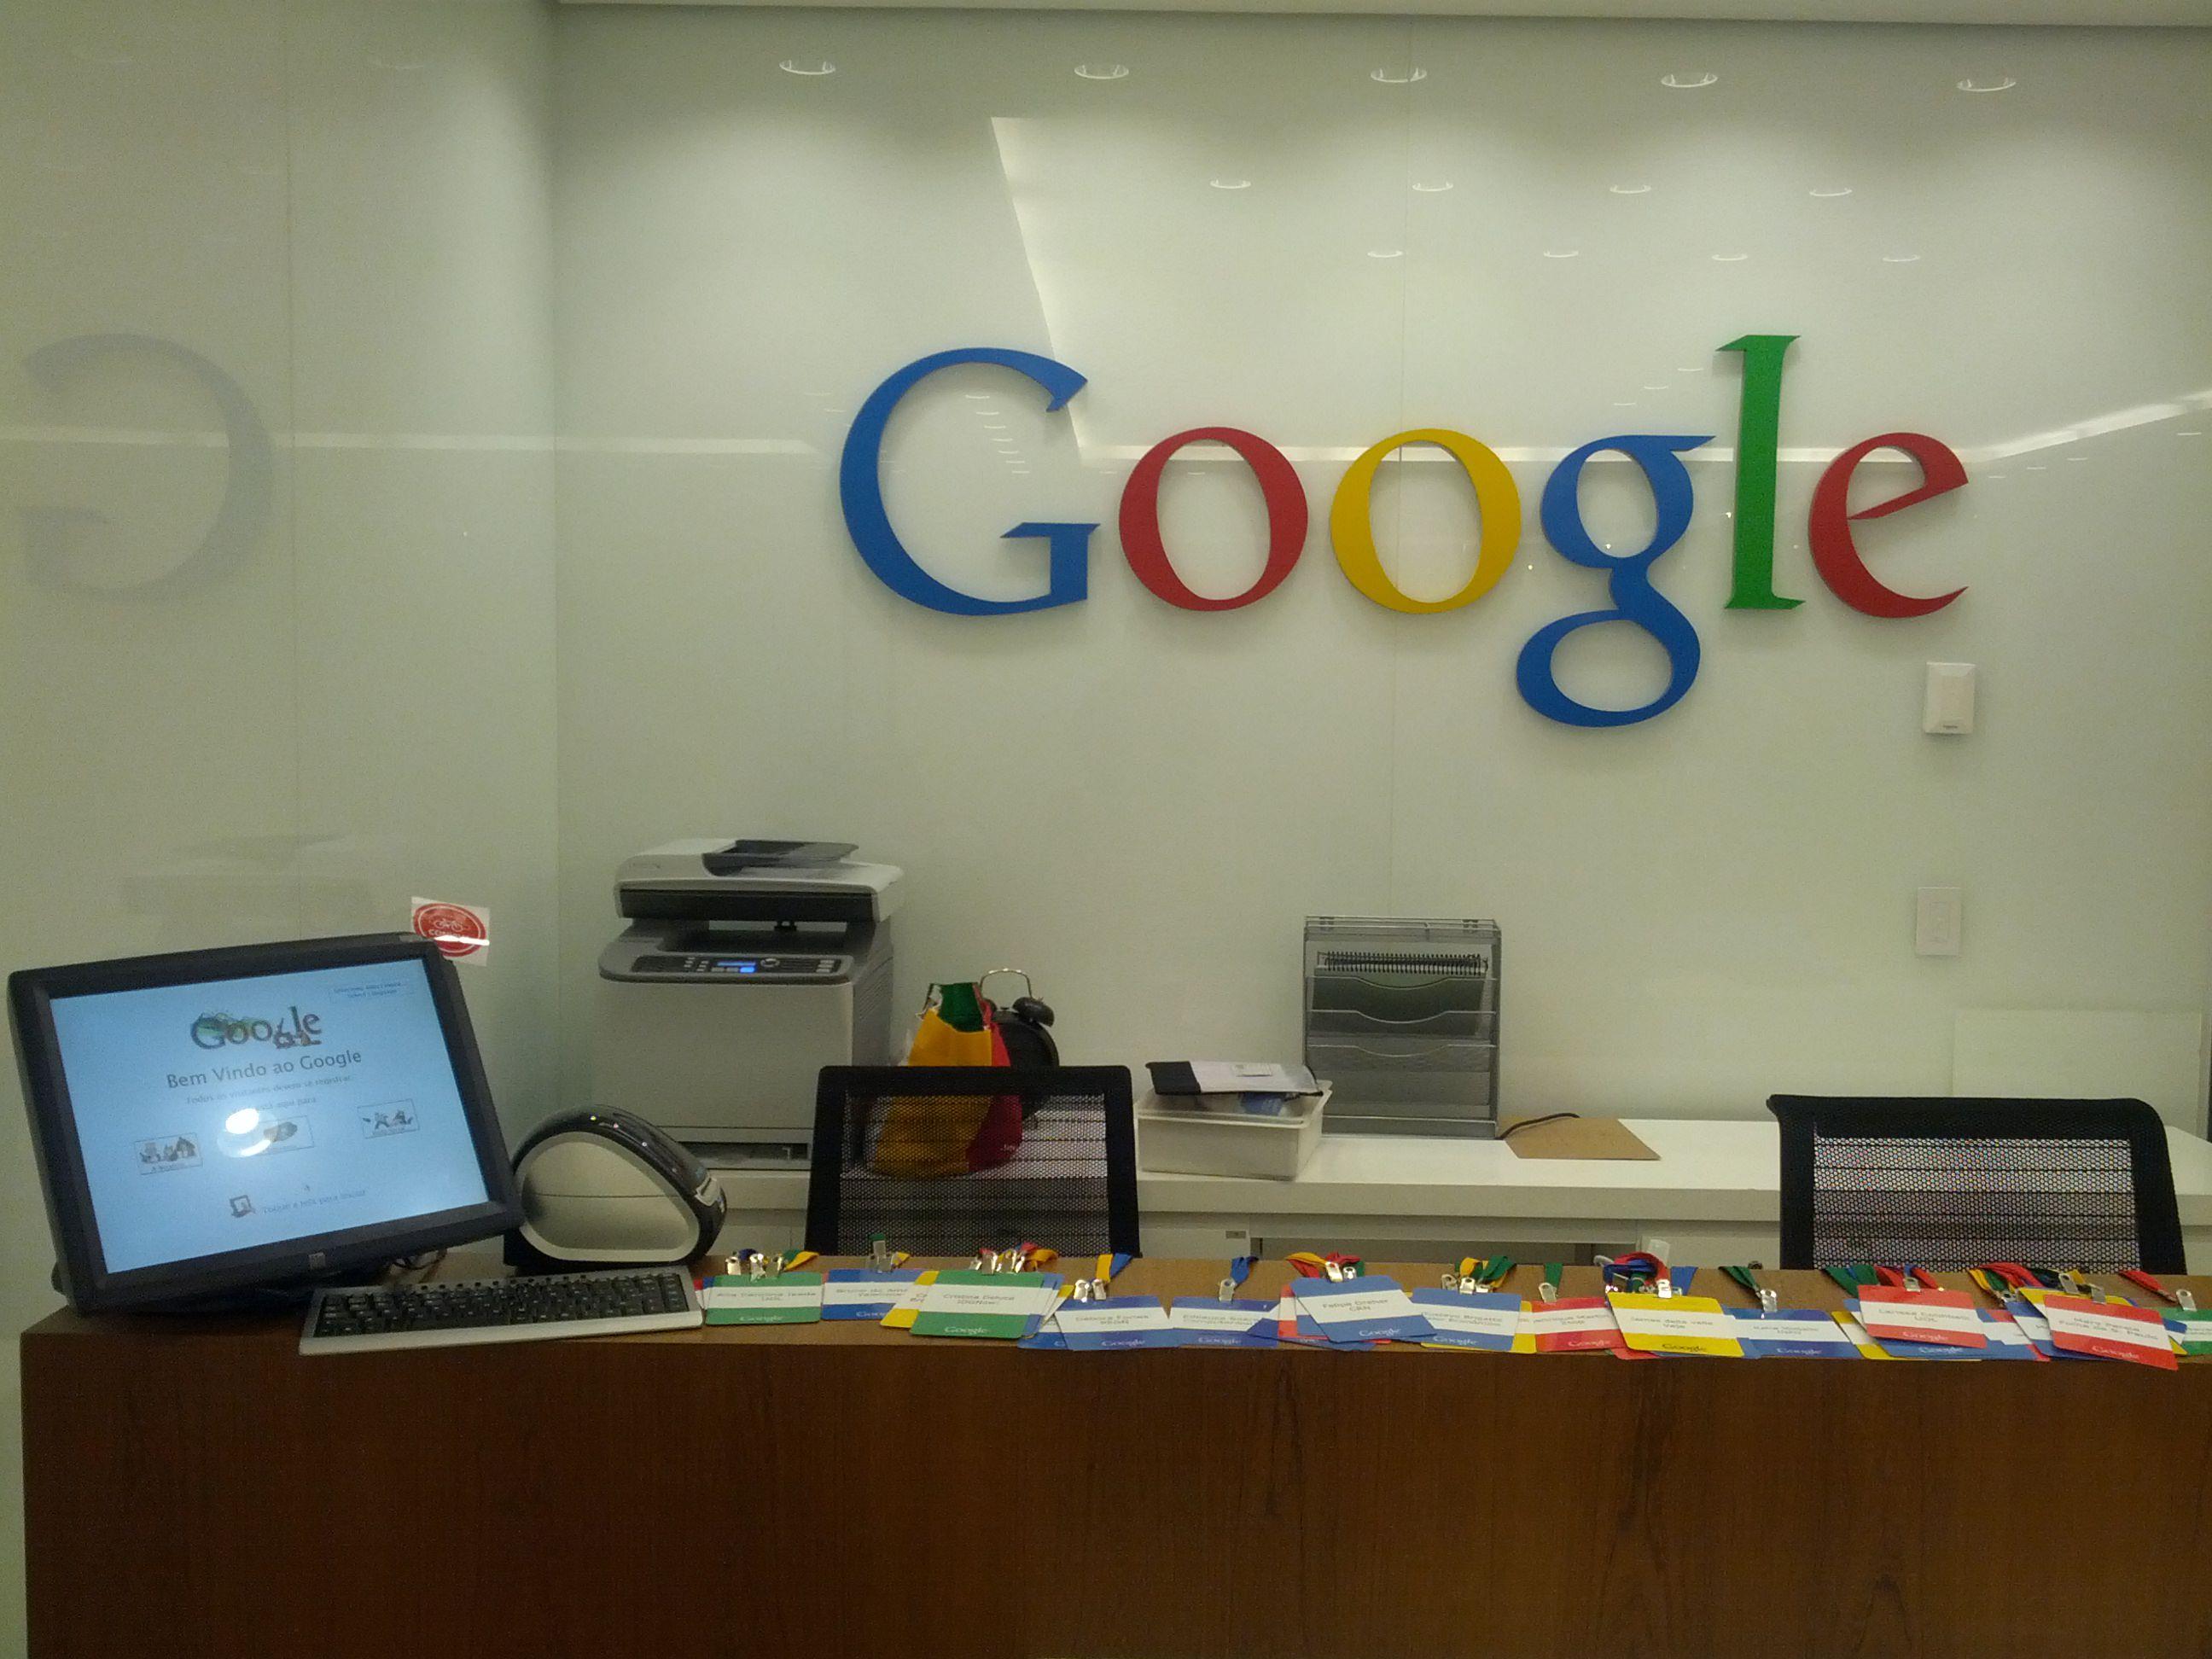 Instalações do Google